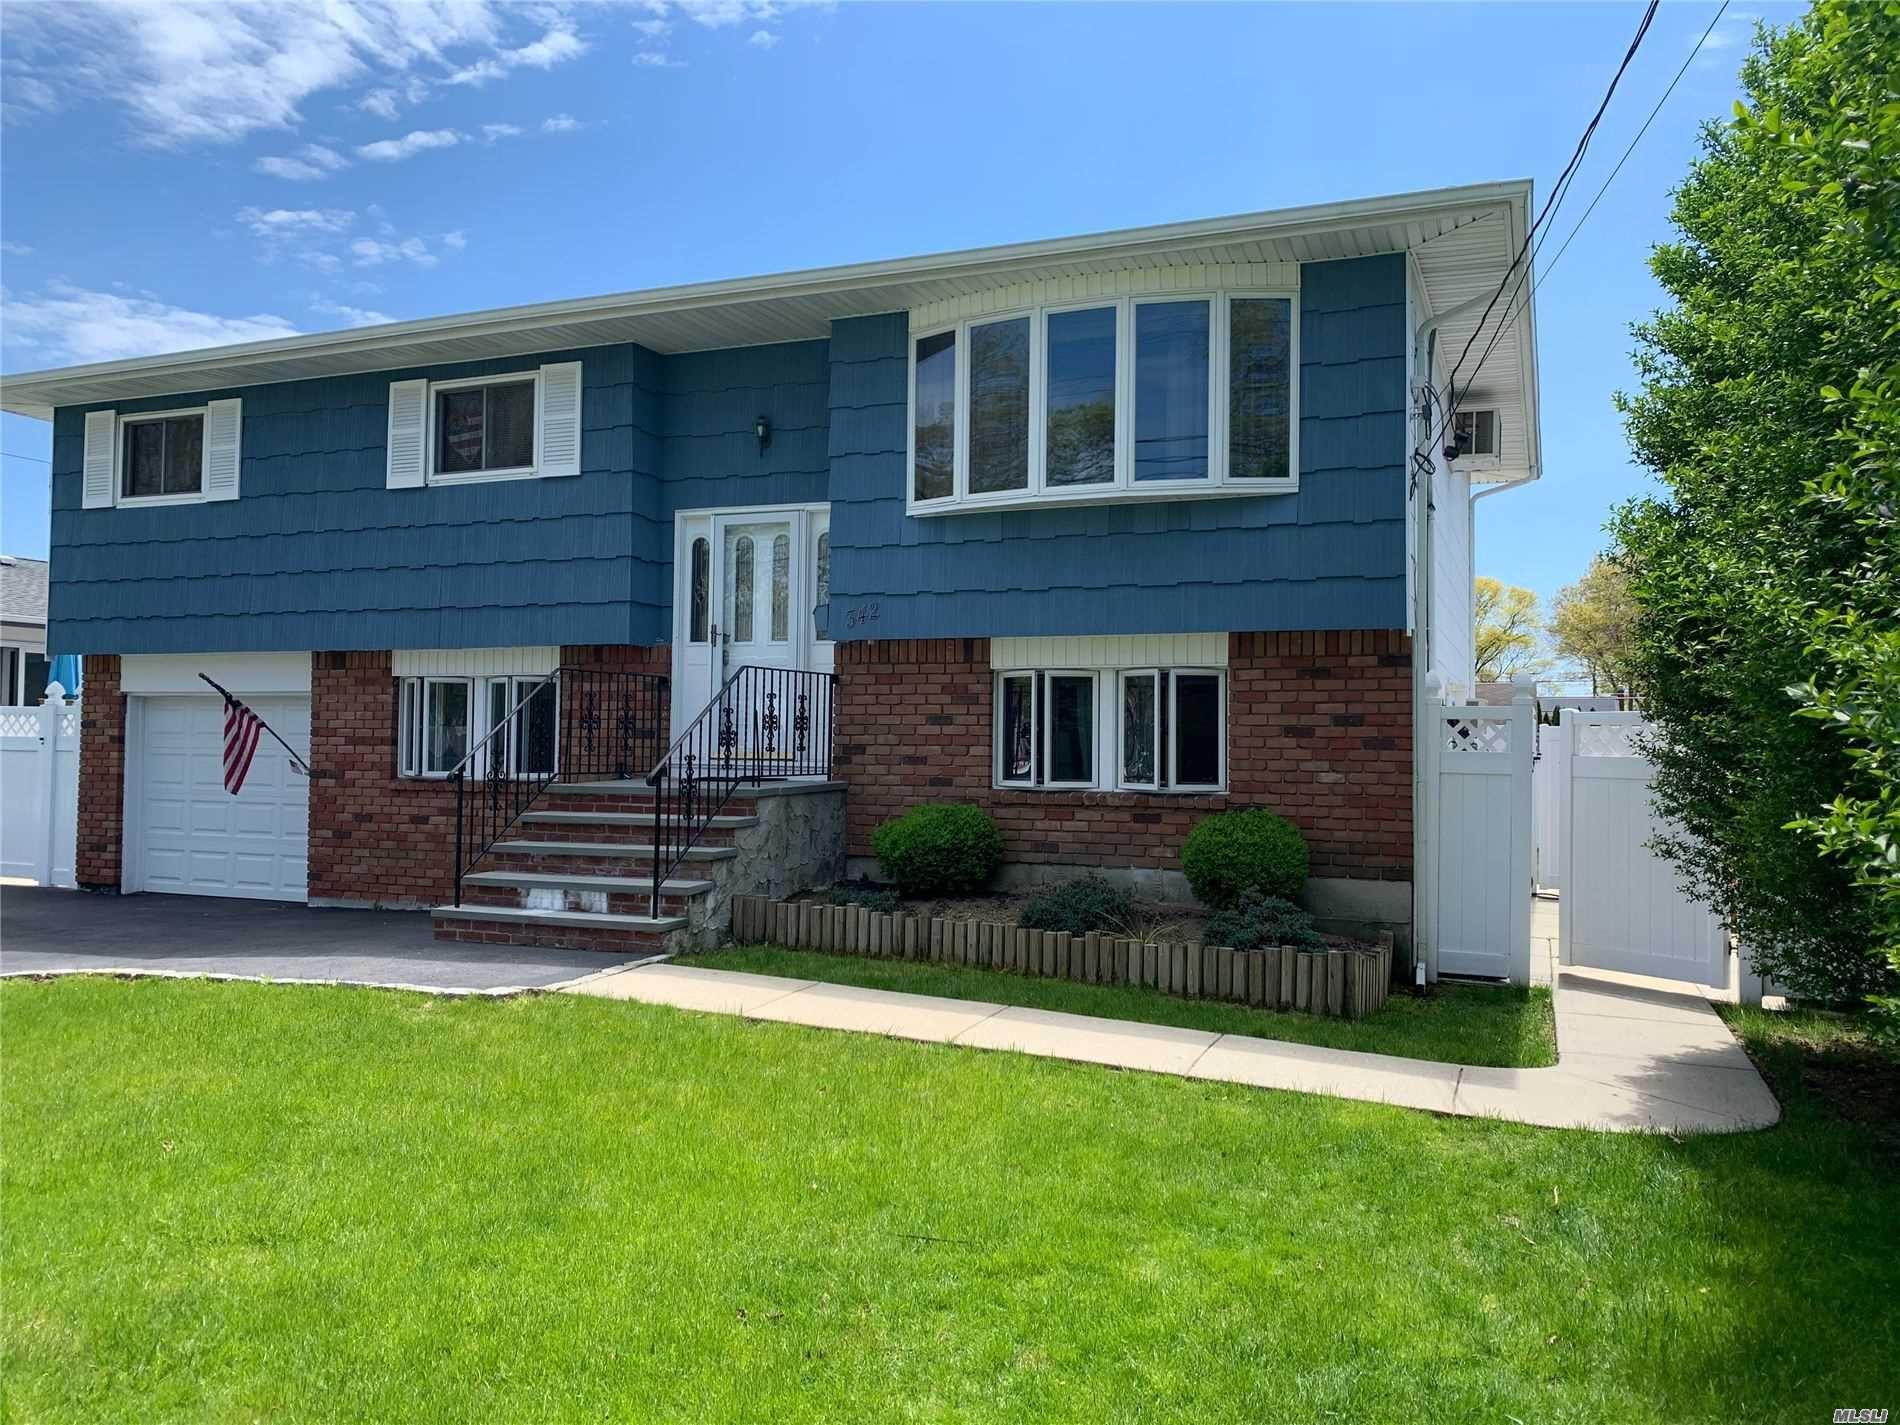 342 W 3rd St, West Islip, NY 11795 - MLS#: 3215889